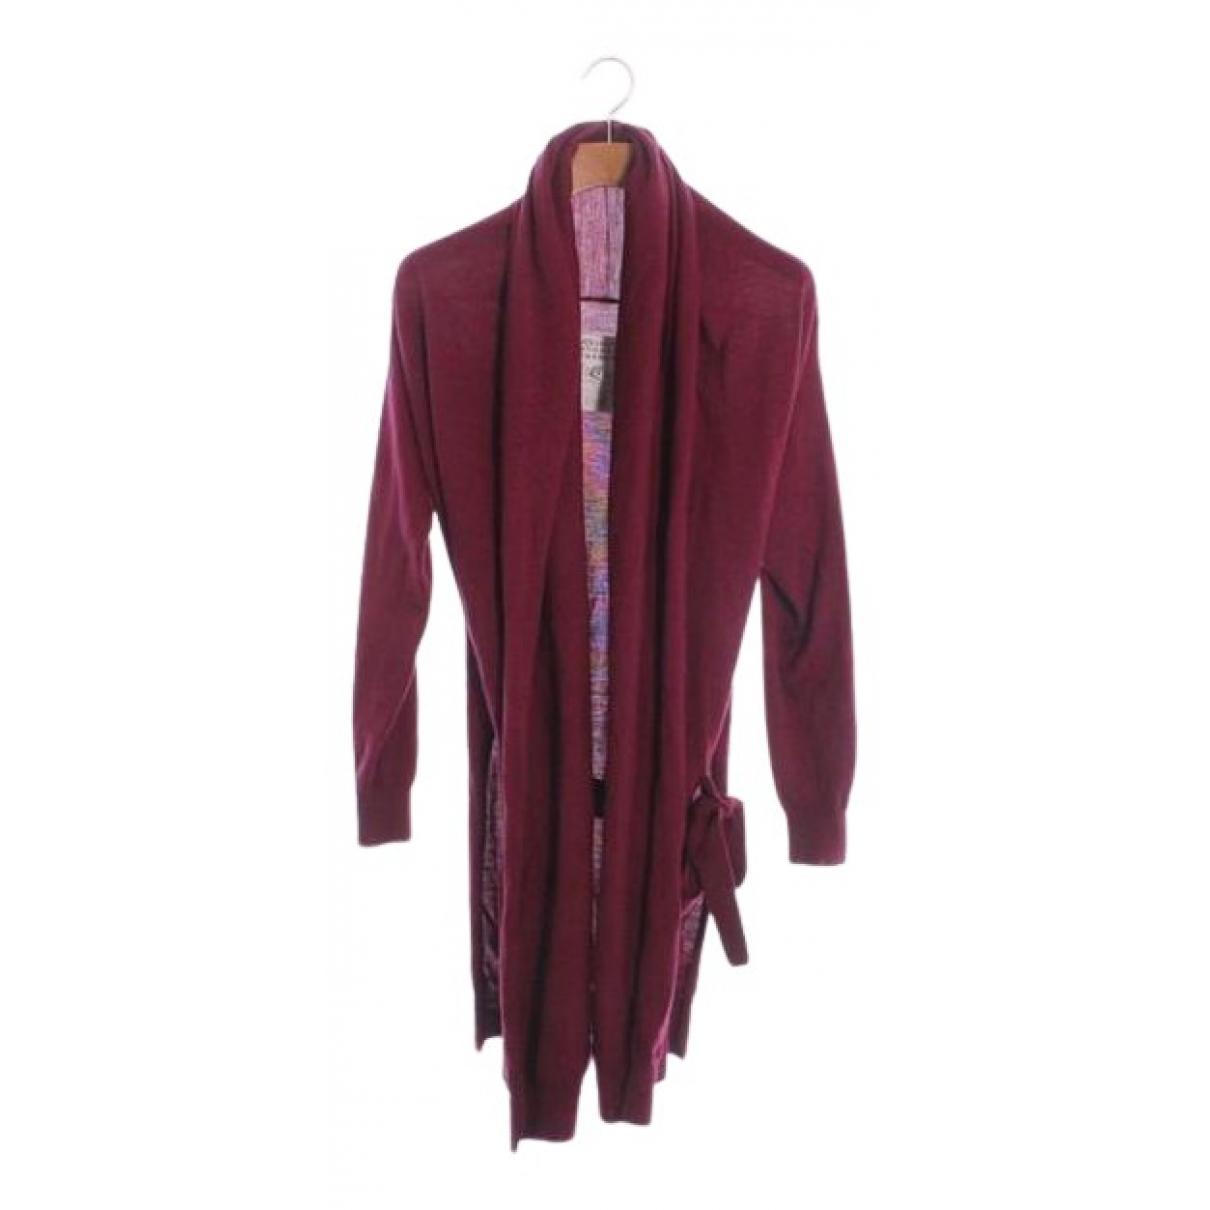 Maison Martin Margiela N Purple Wool Knitwear for Women S International